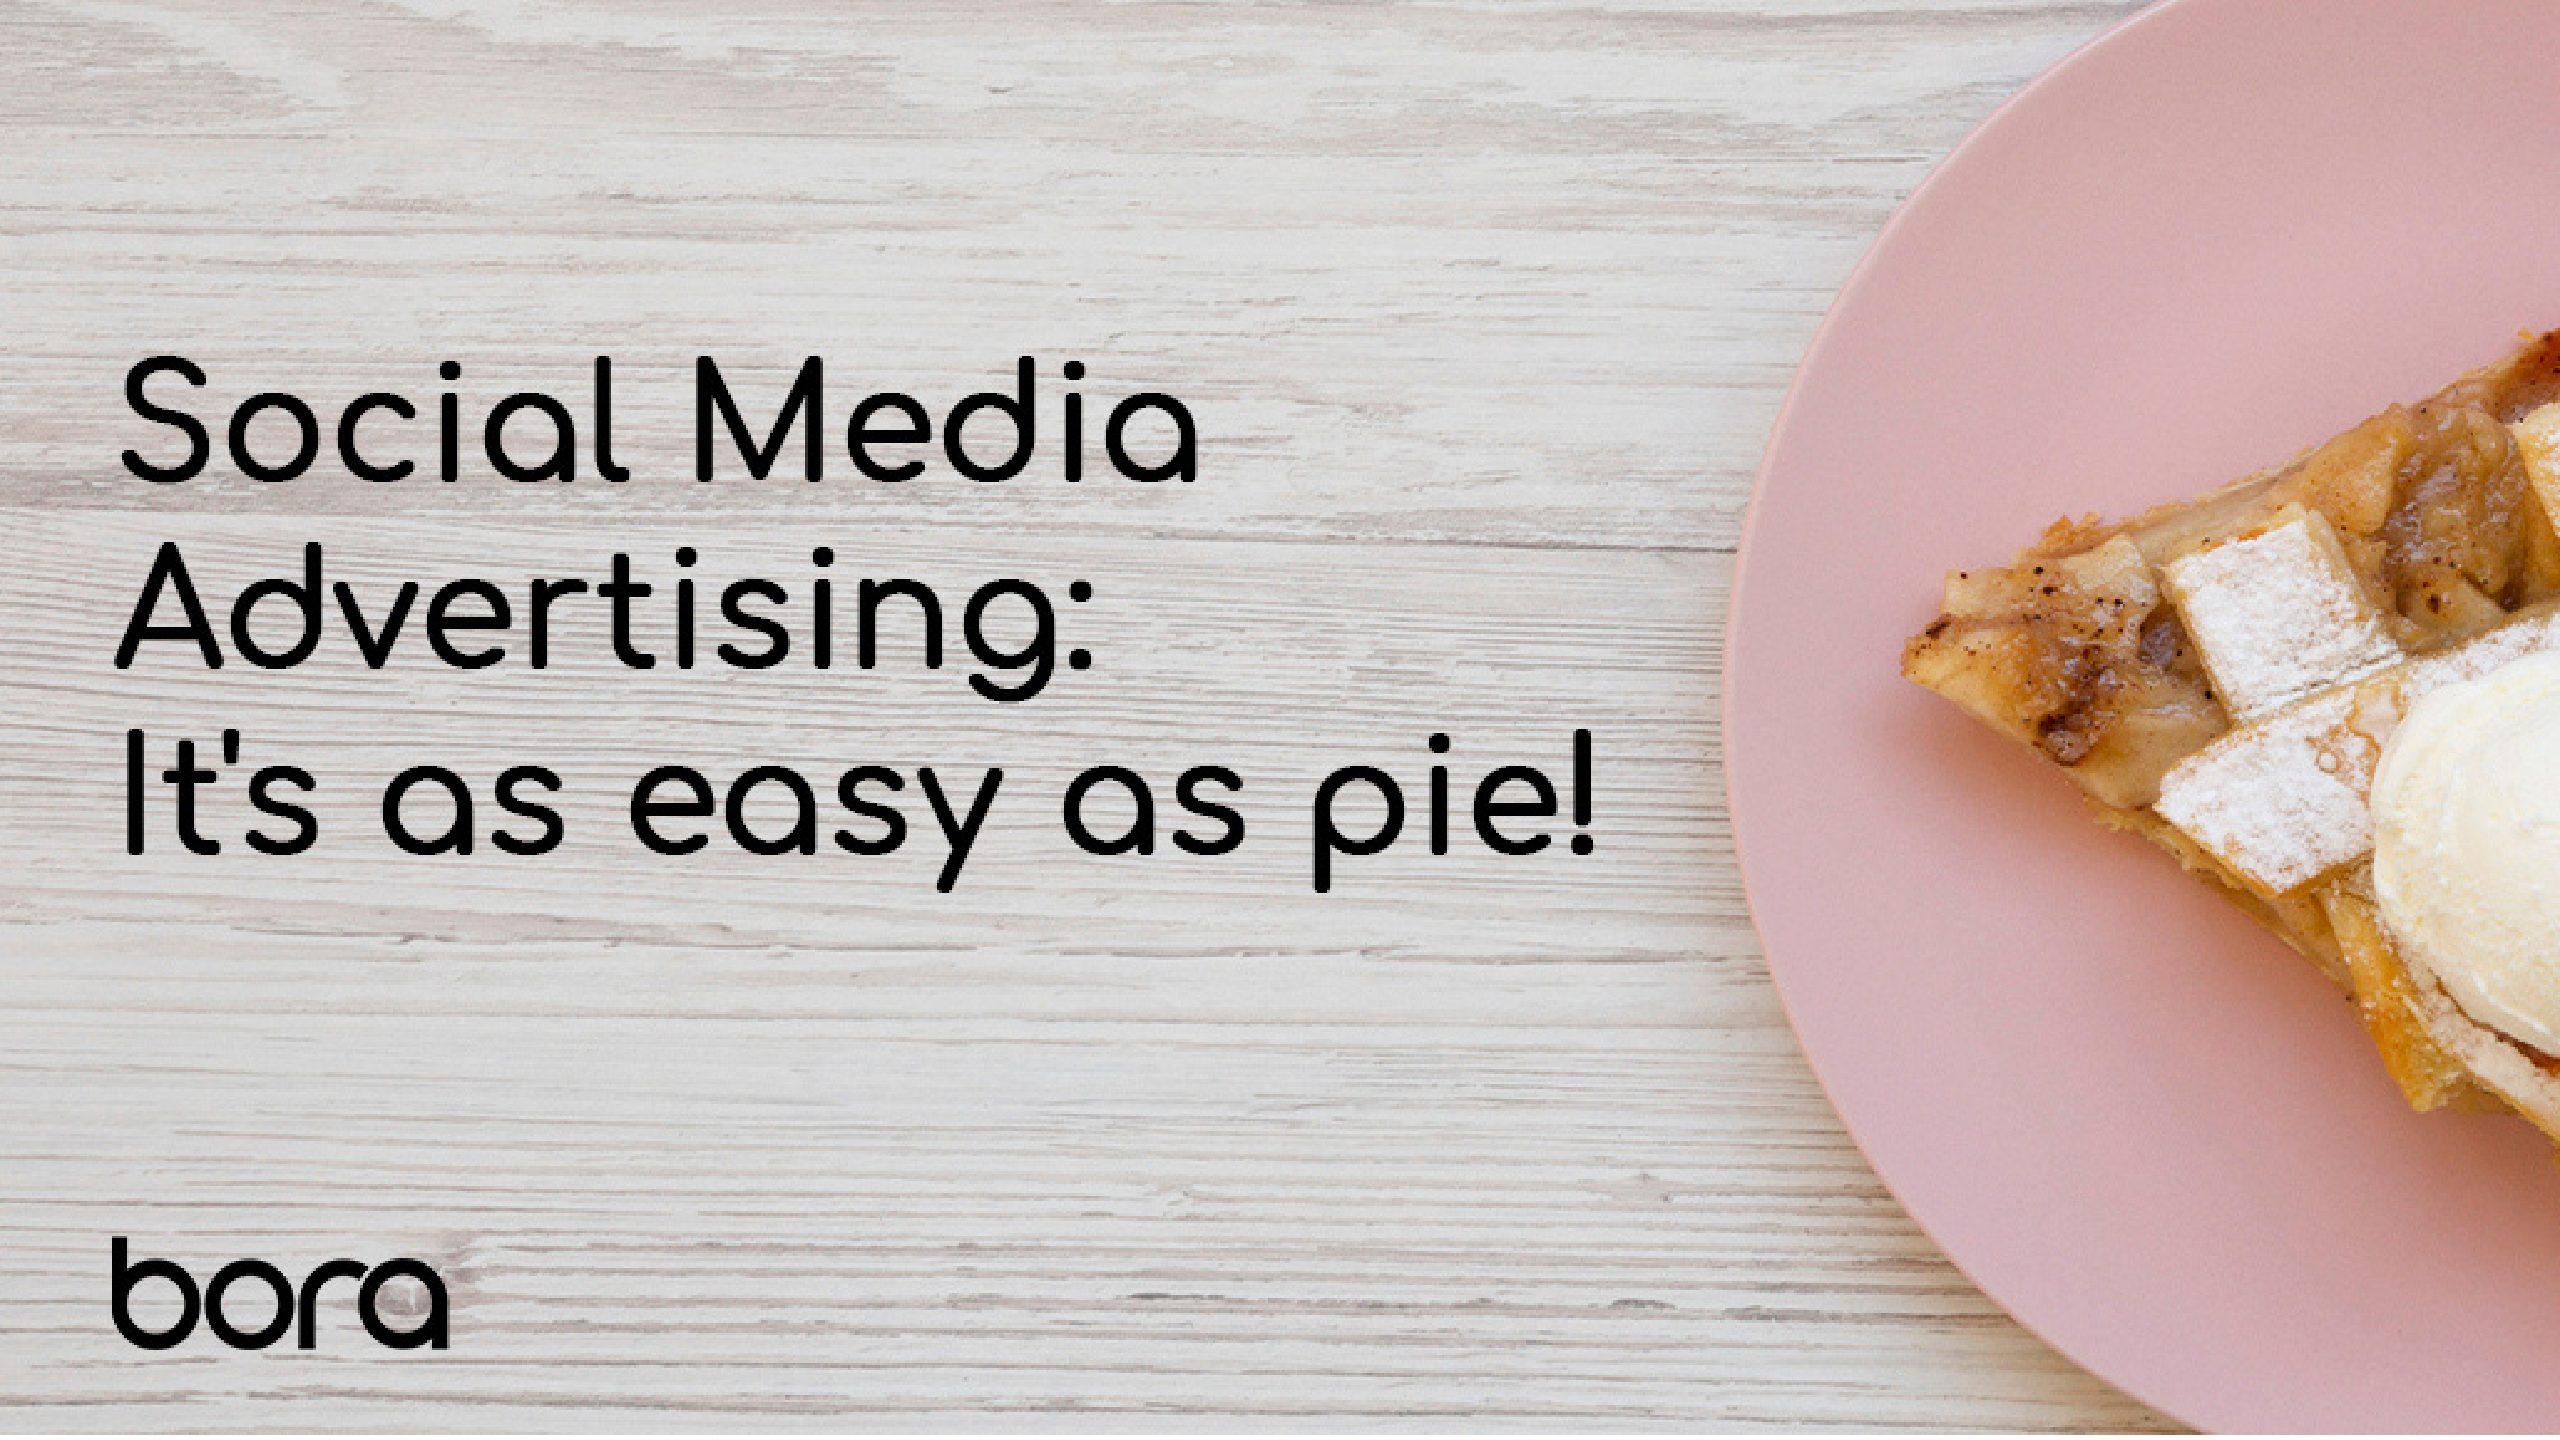 Social Media Advertising: It's as easy as pie!